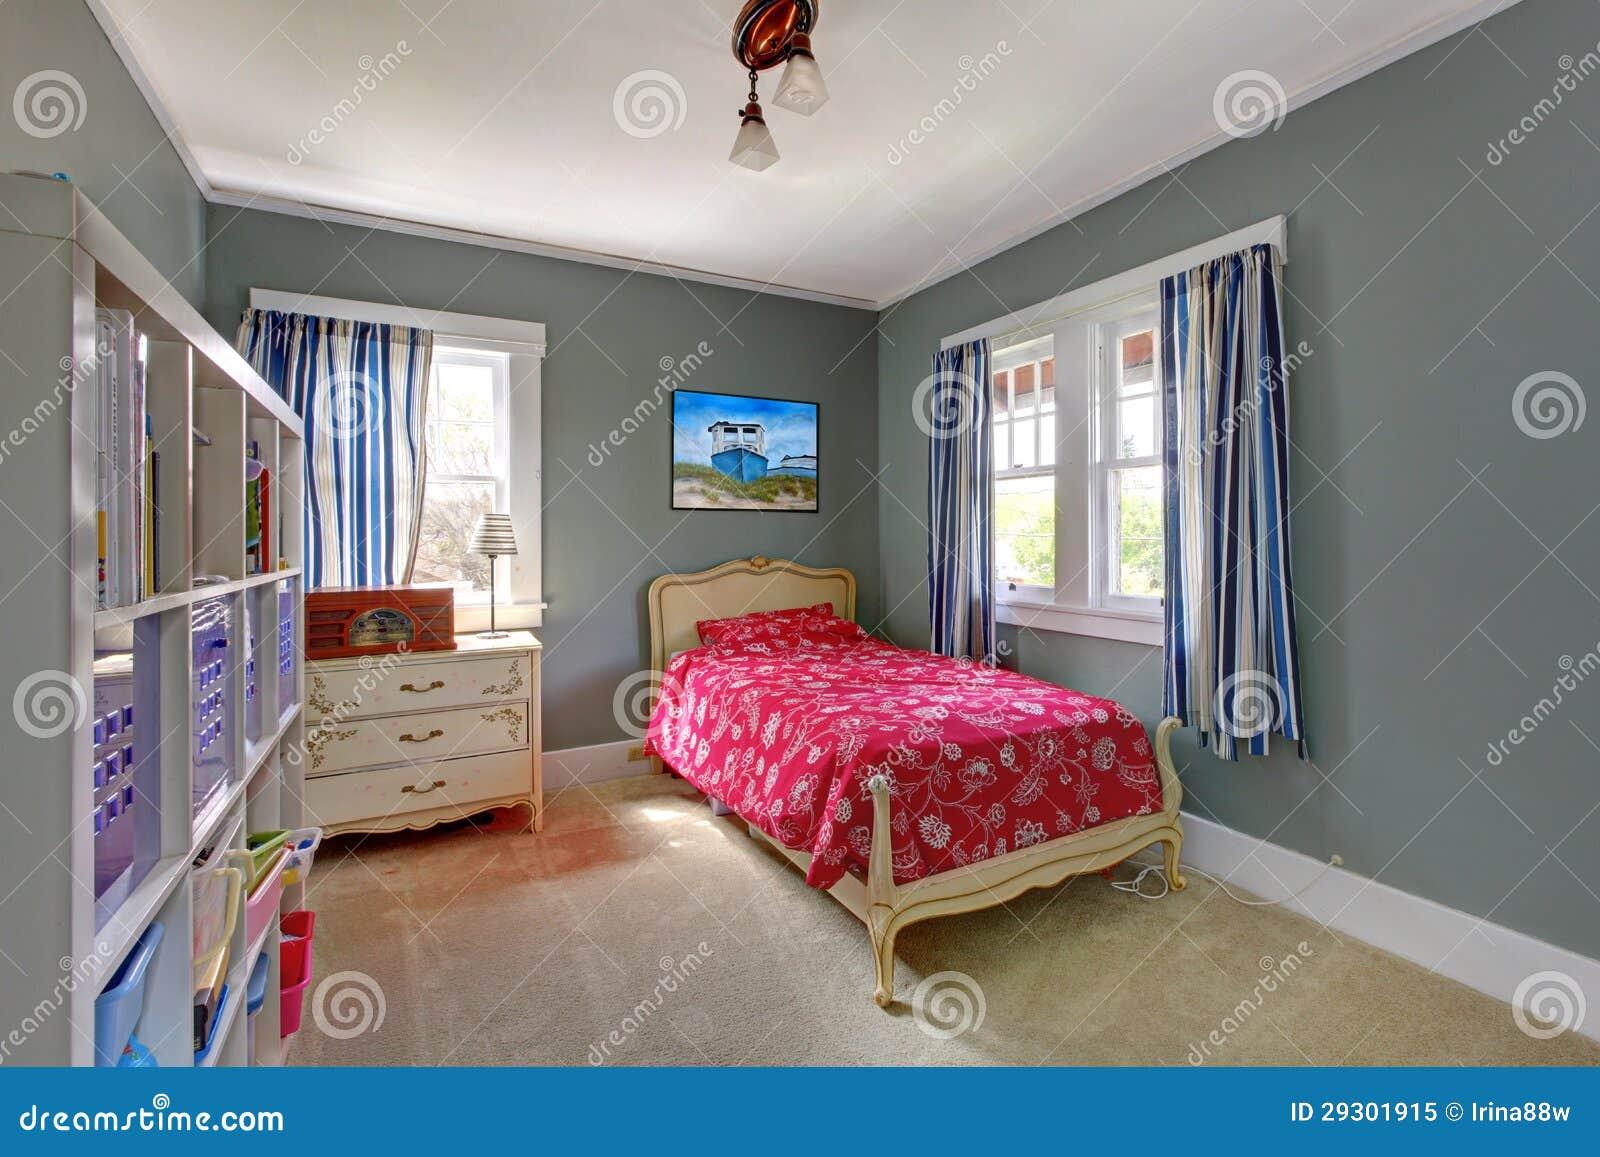 de slaapkamer van jonge geitjes met rood bed en grijze muren, Meubels Ideeën